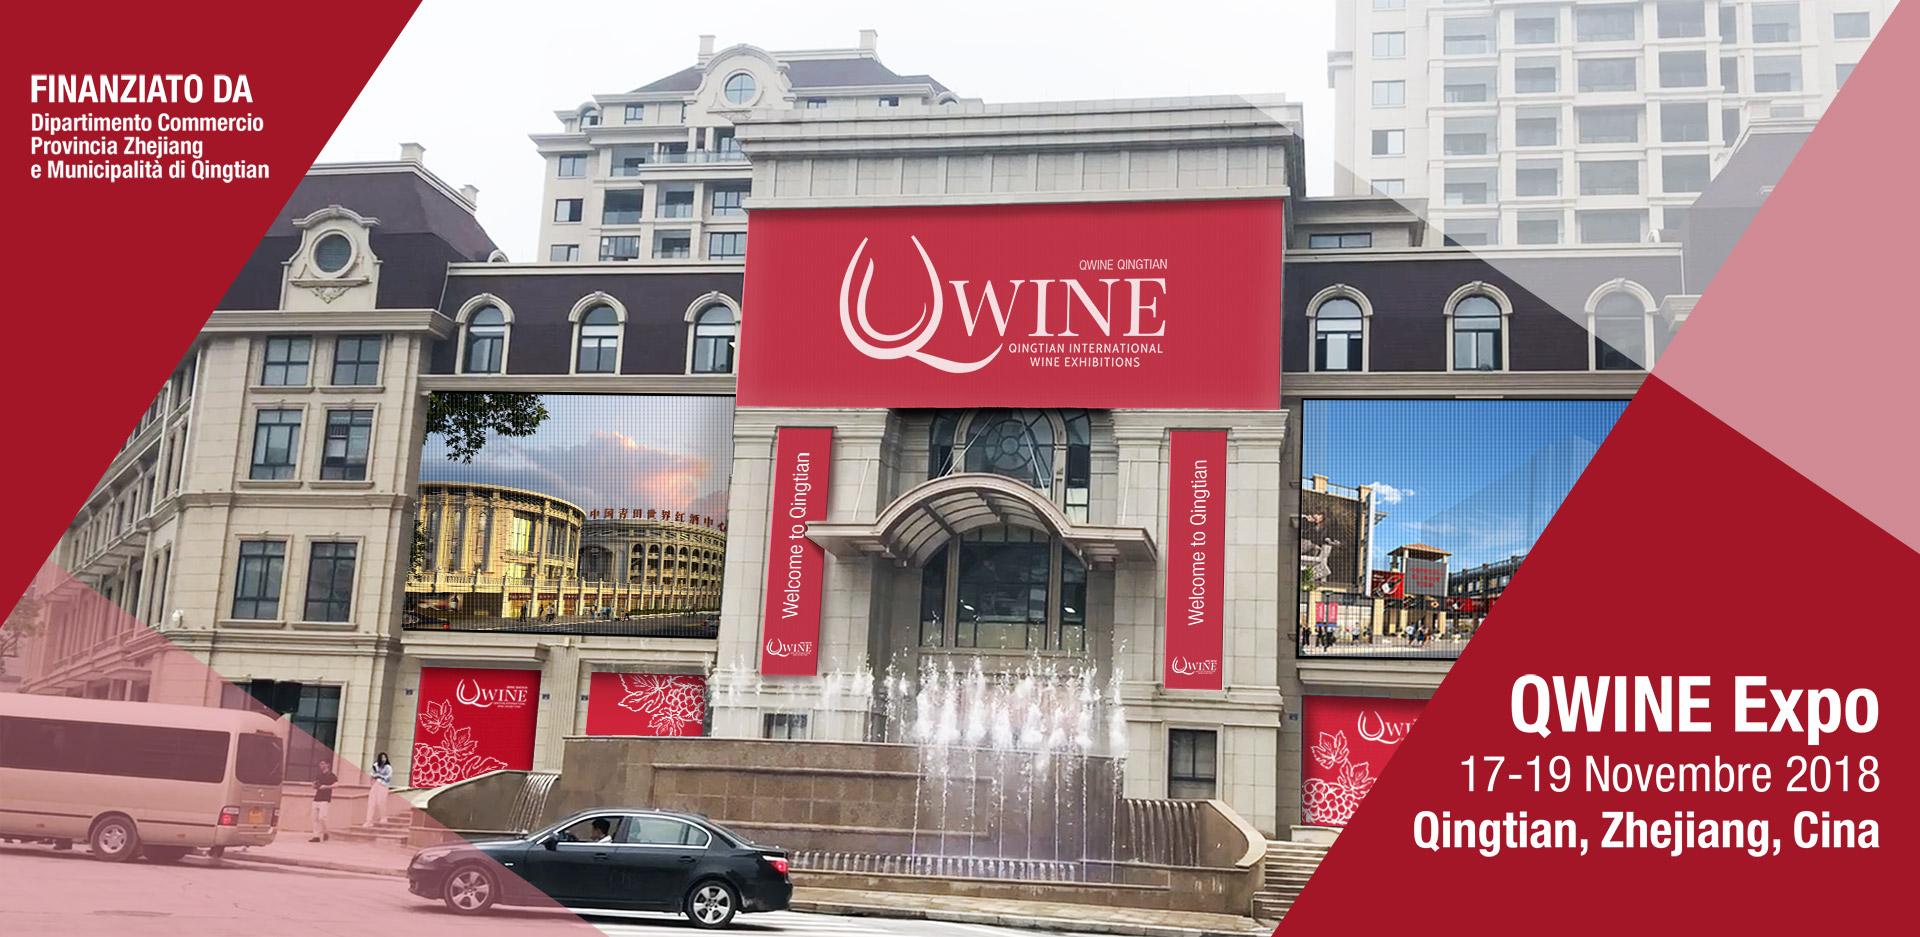 qwine-expo-2018